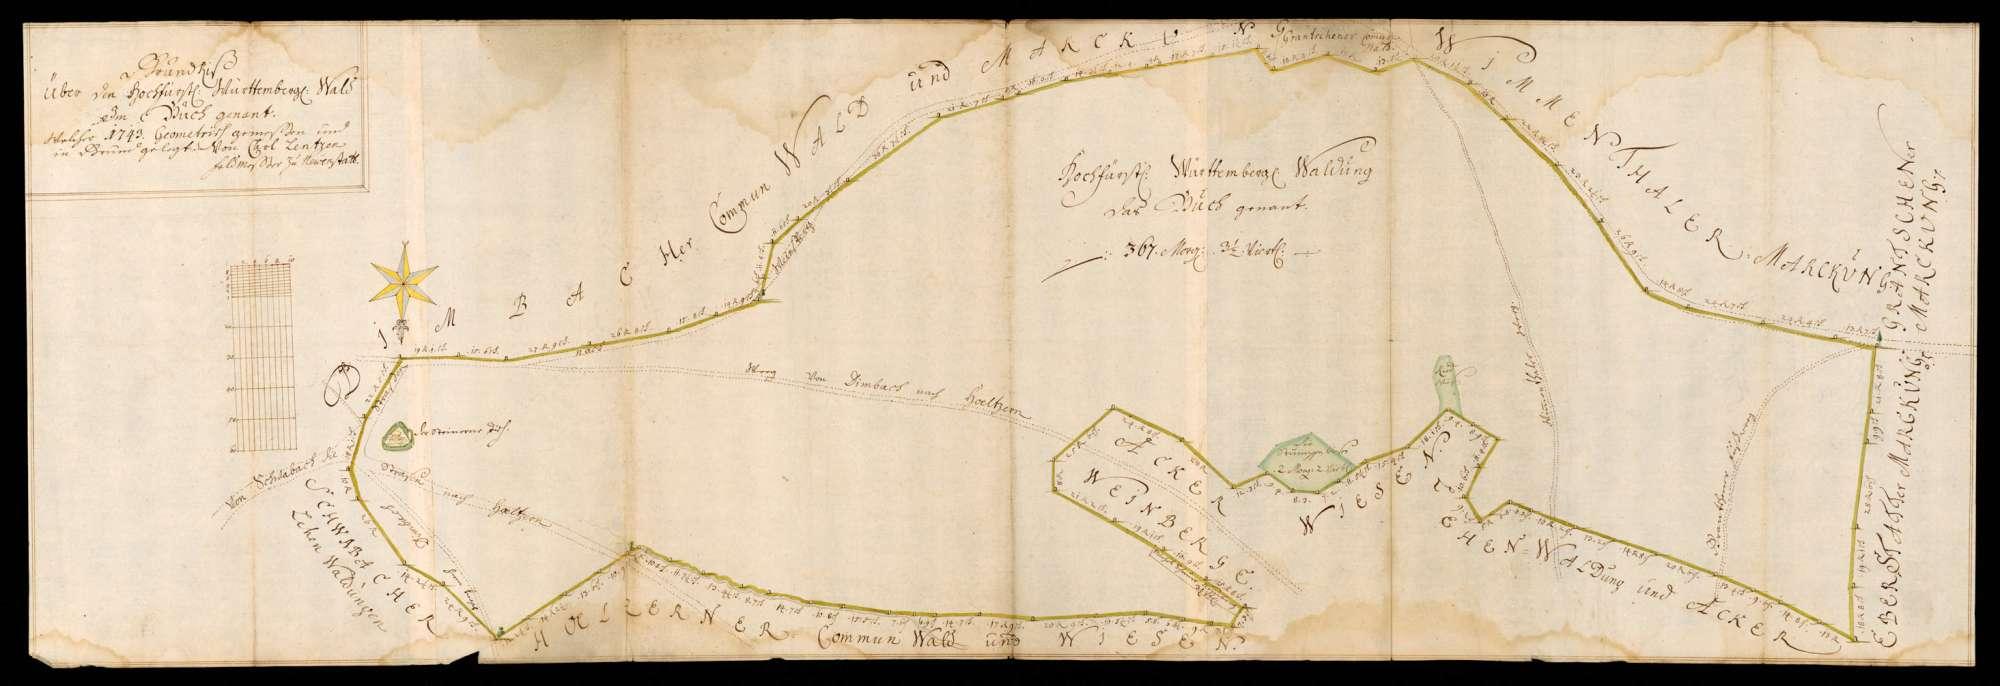 """[Revier Waldbach] """"Grundriß über den hochfürstlich württembergischen Wald im Buch genannt, welcher 1743 geometrisch gemessen und in Grund gelegt von Carl Lentz, Feldmesser zu Neuenstadt"""", Bild 1"""